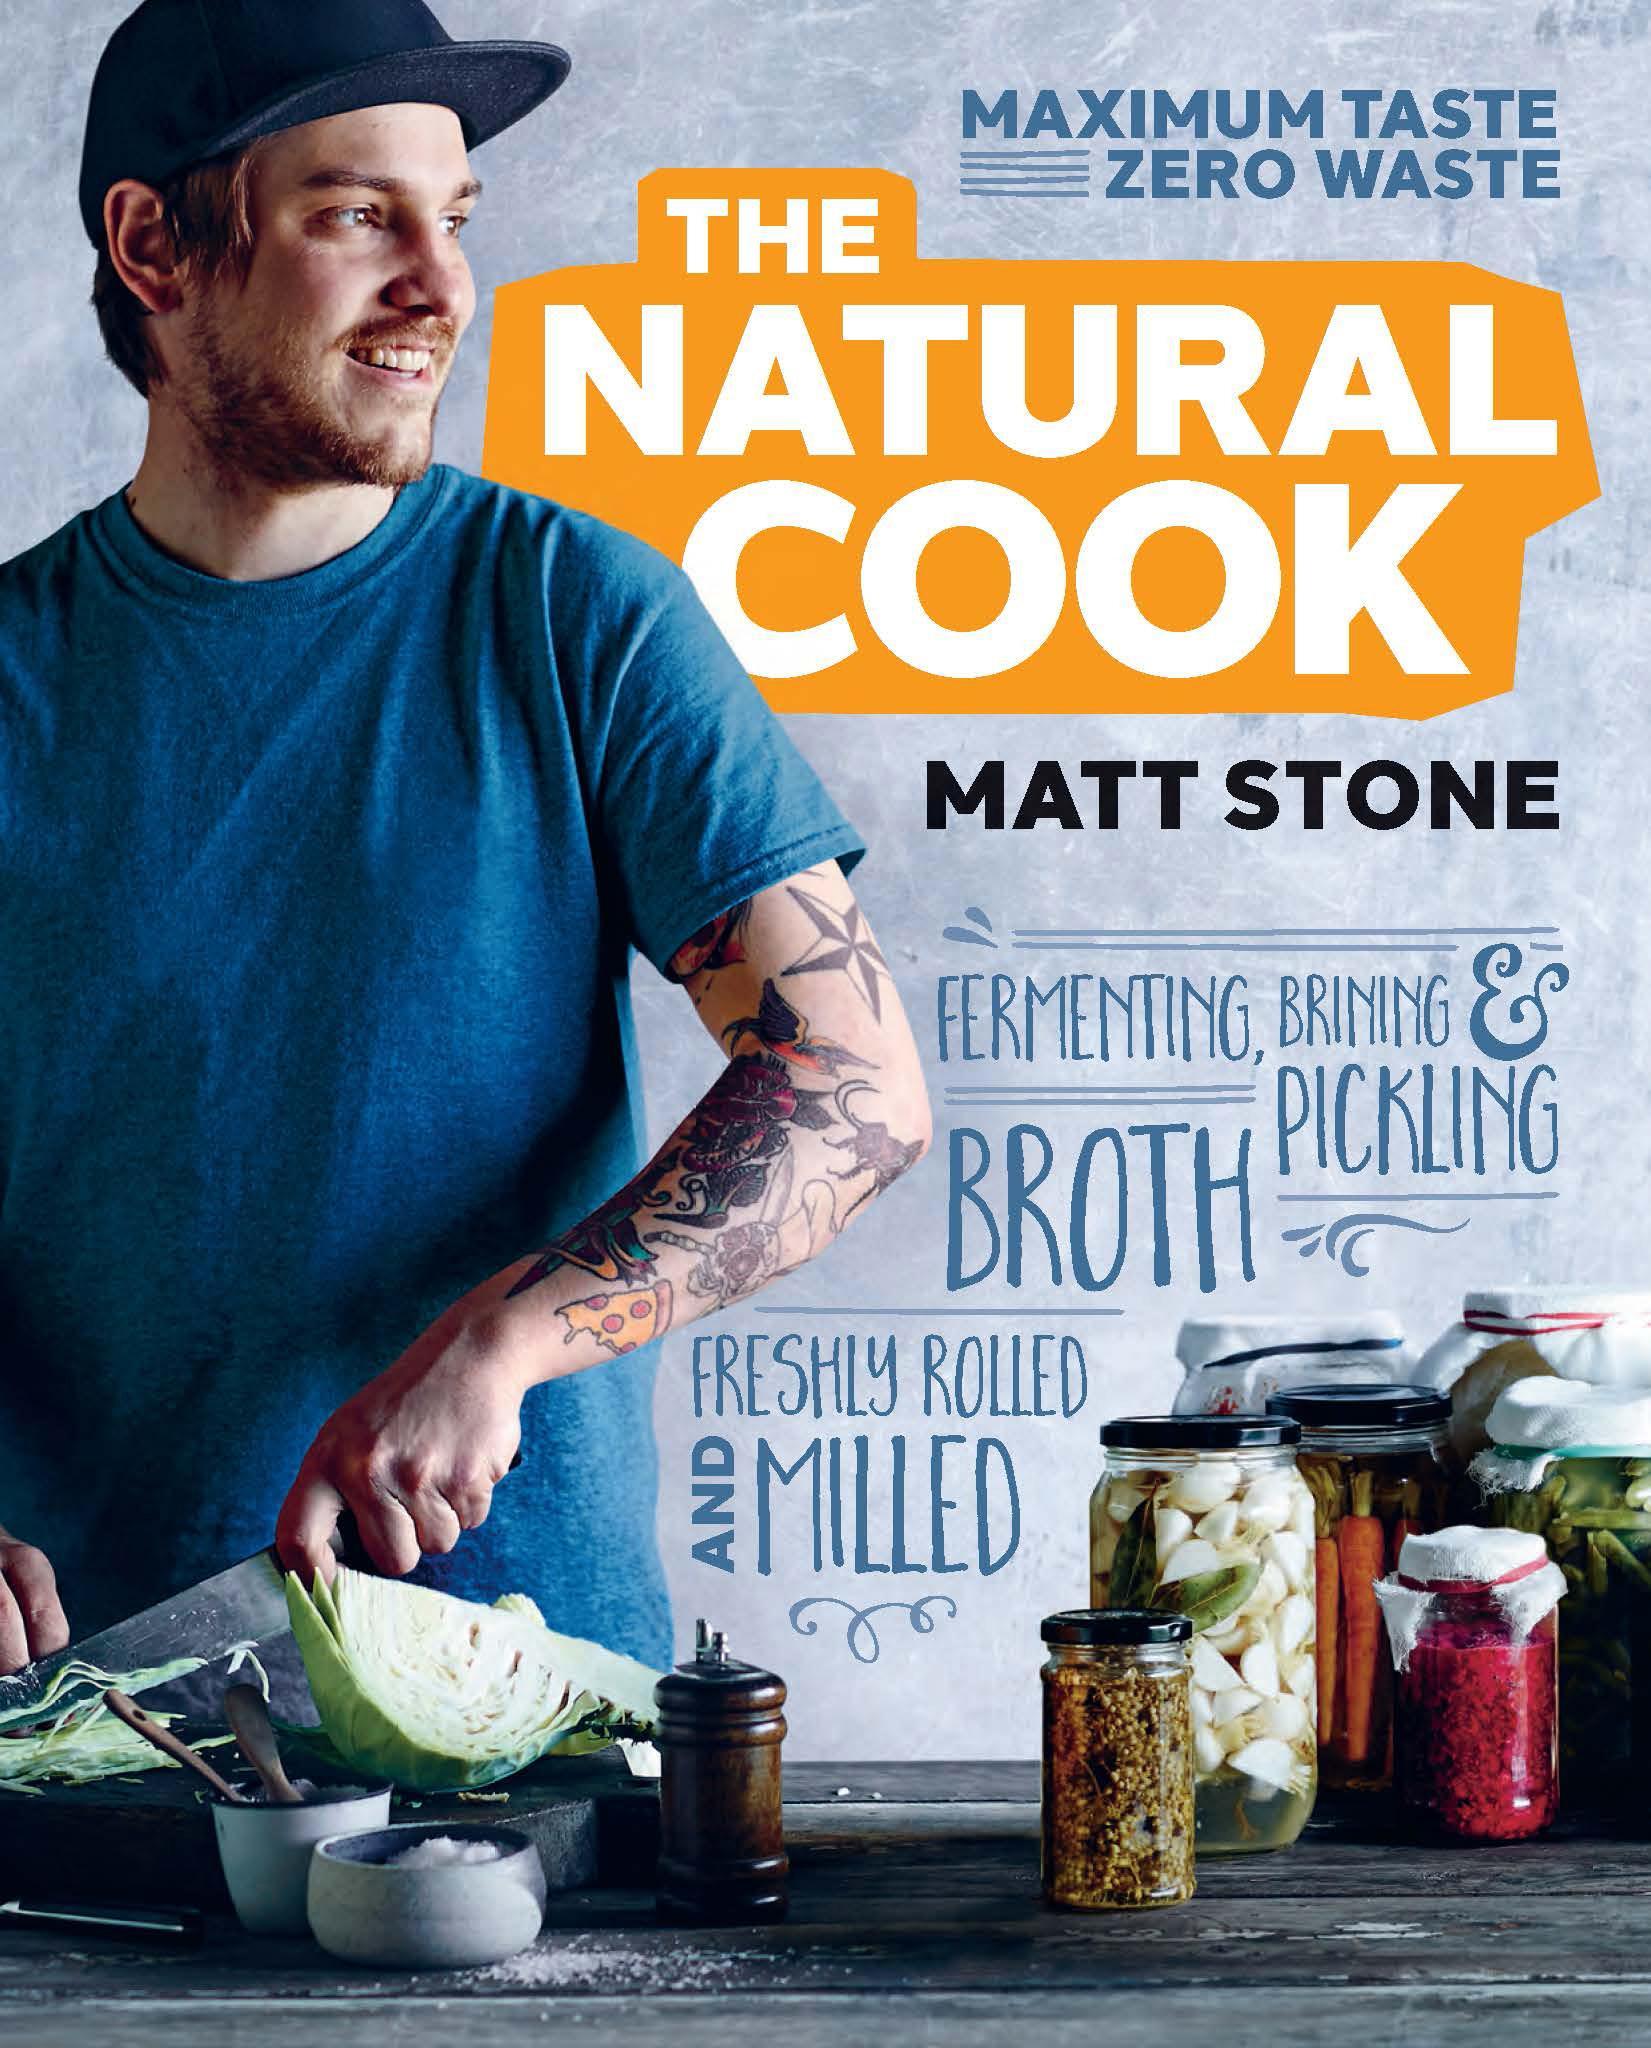 The Natural Cook: Maximum Taste,ZeroWaste